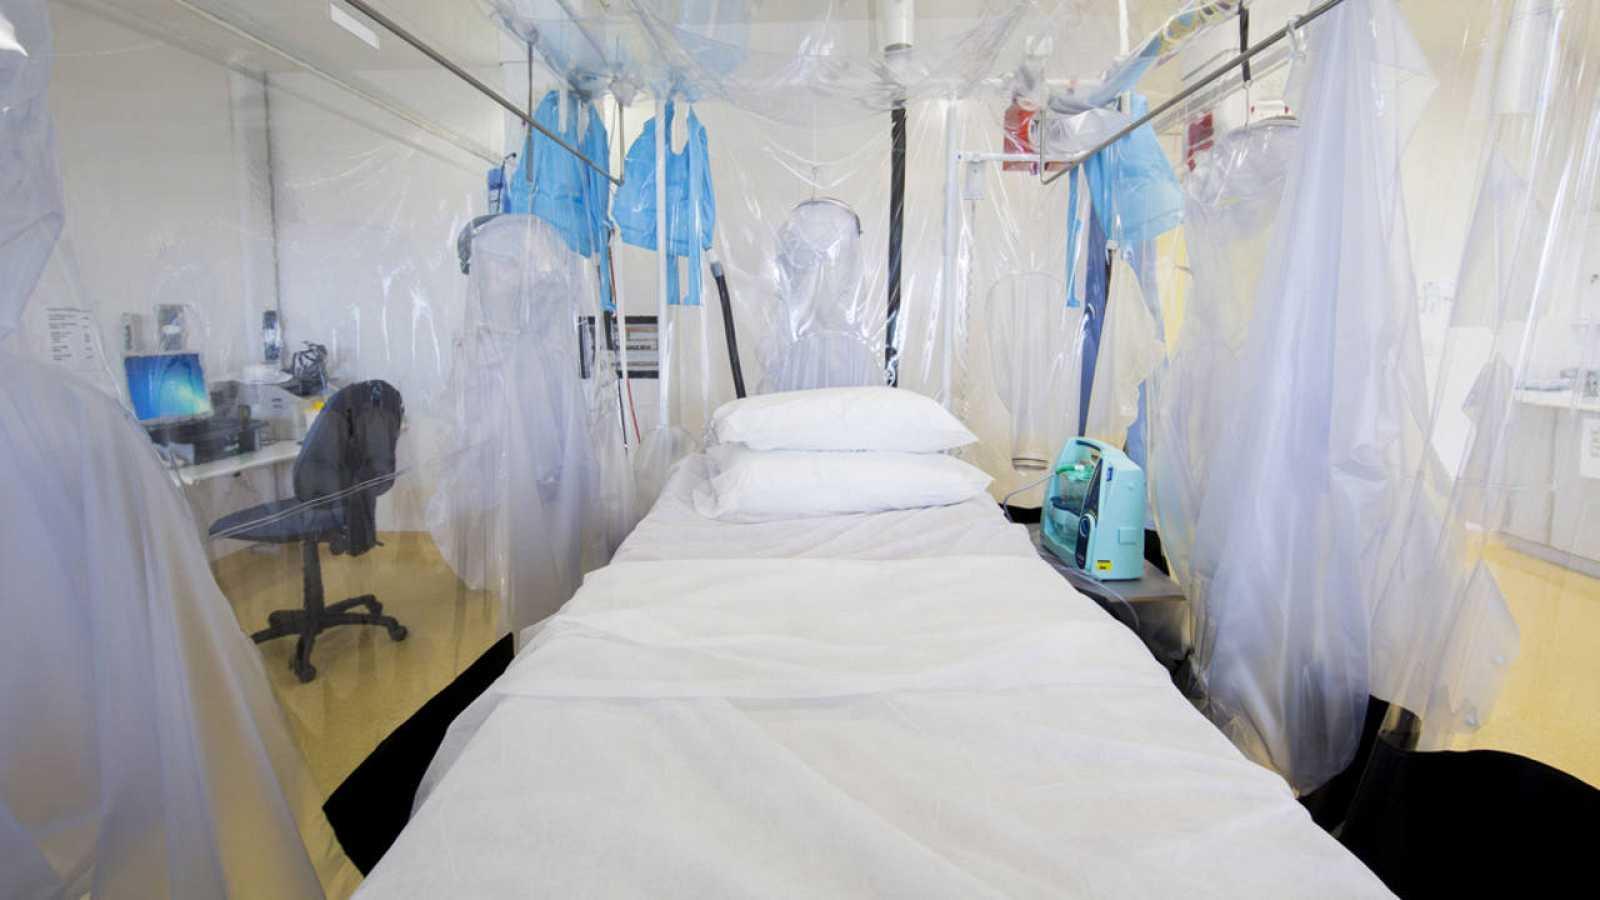 Unidad de aislamiento utilizada para enfermedades infecciosas.